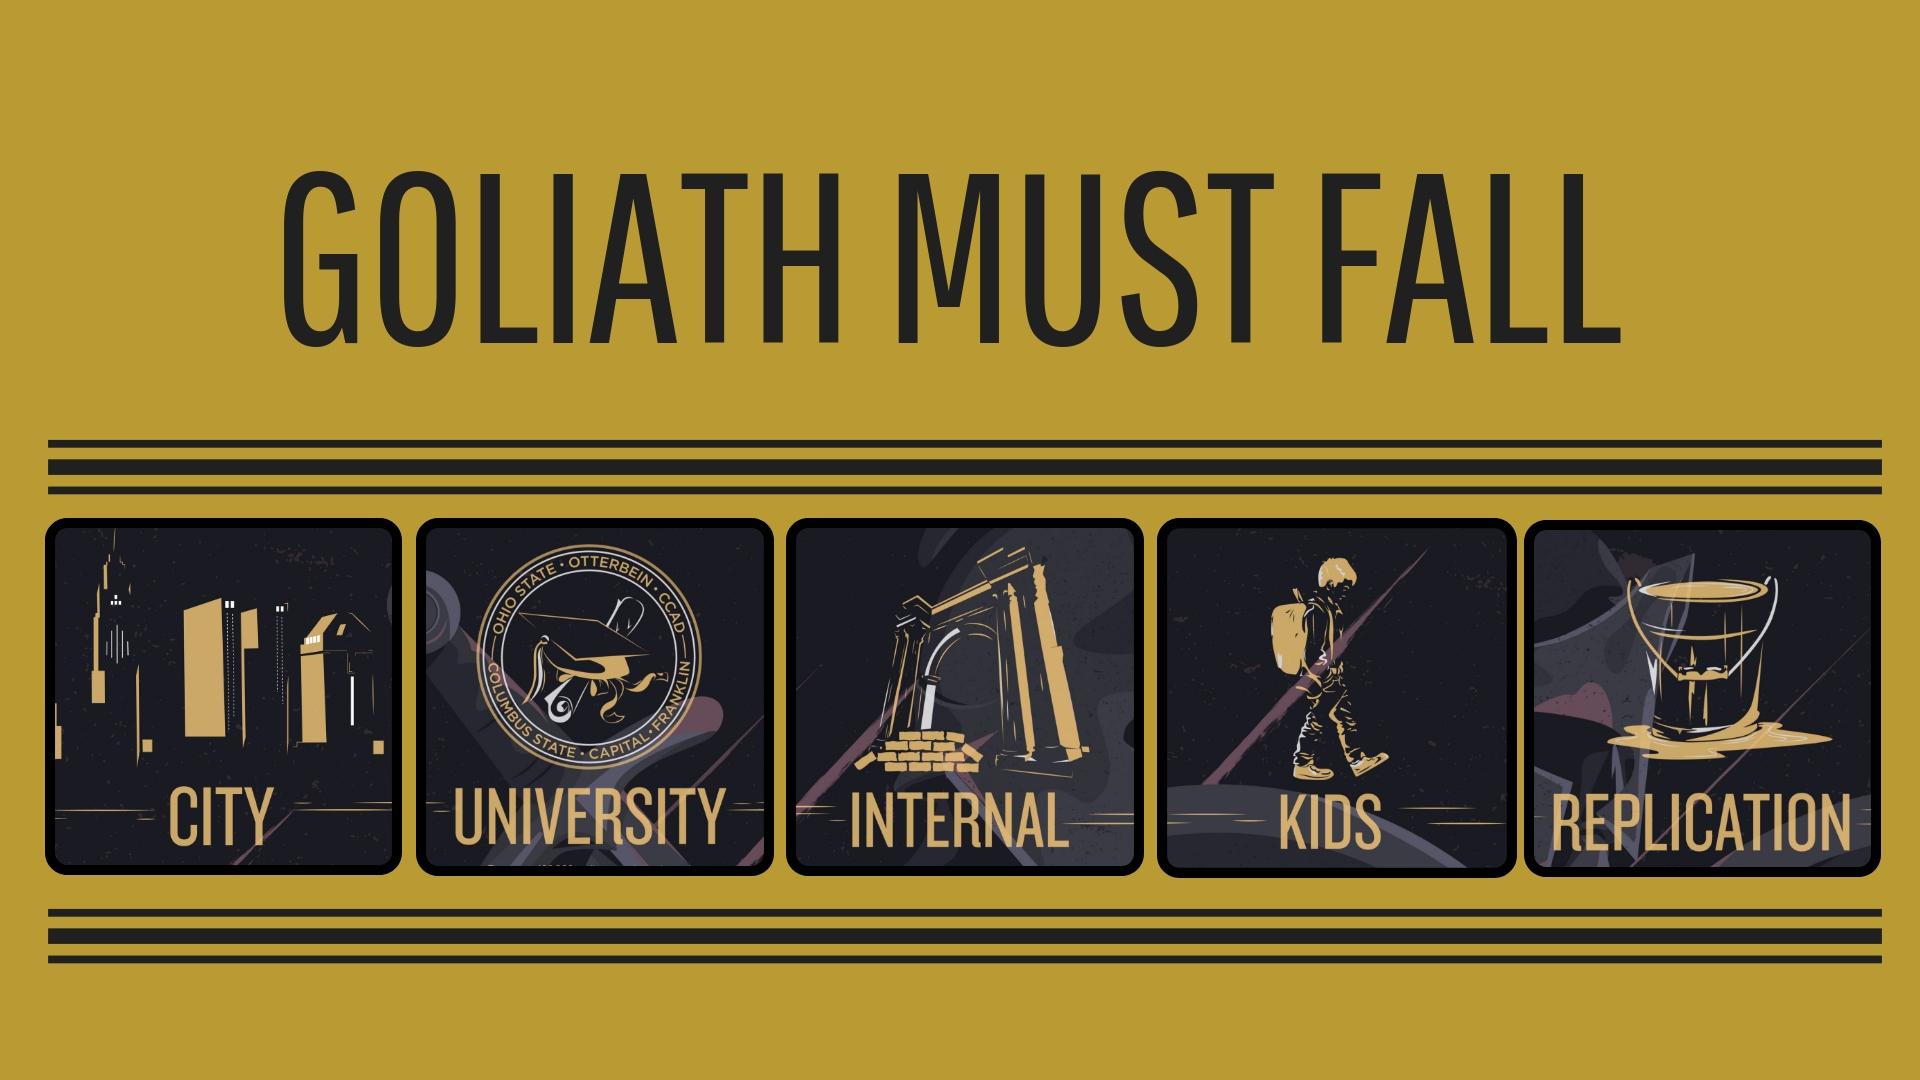 GOLIATH MUST FALL (1).jpg